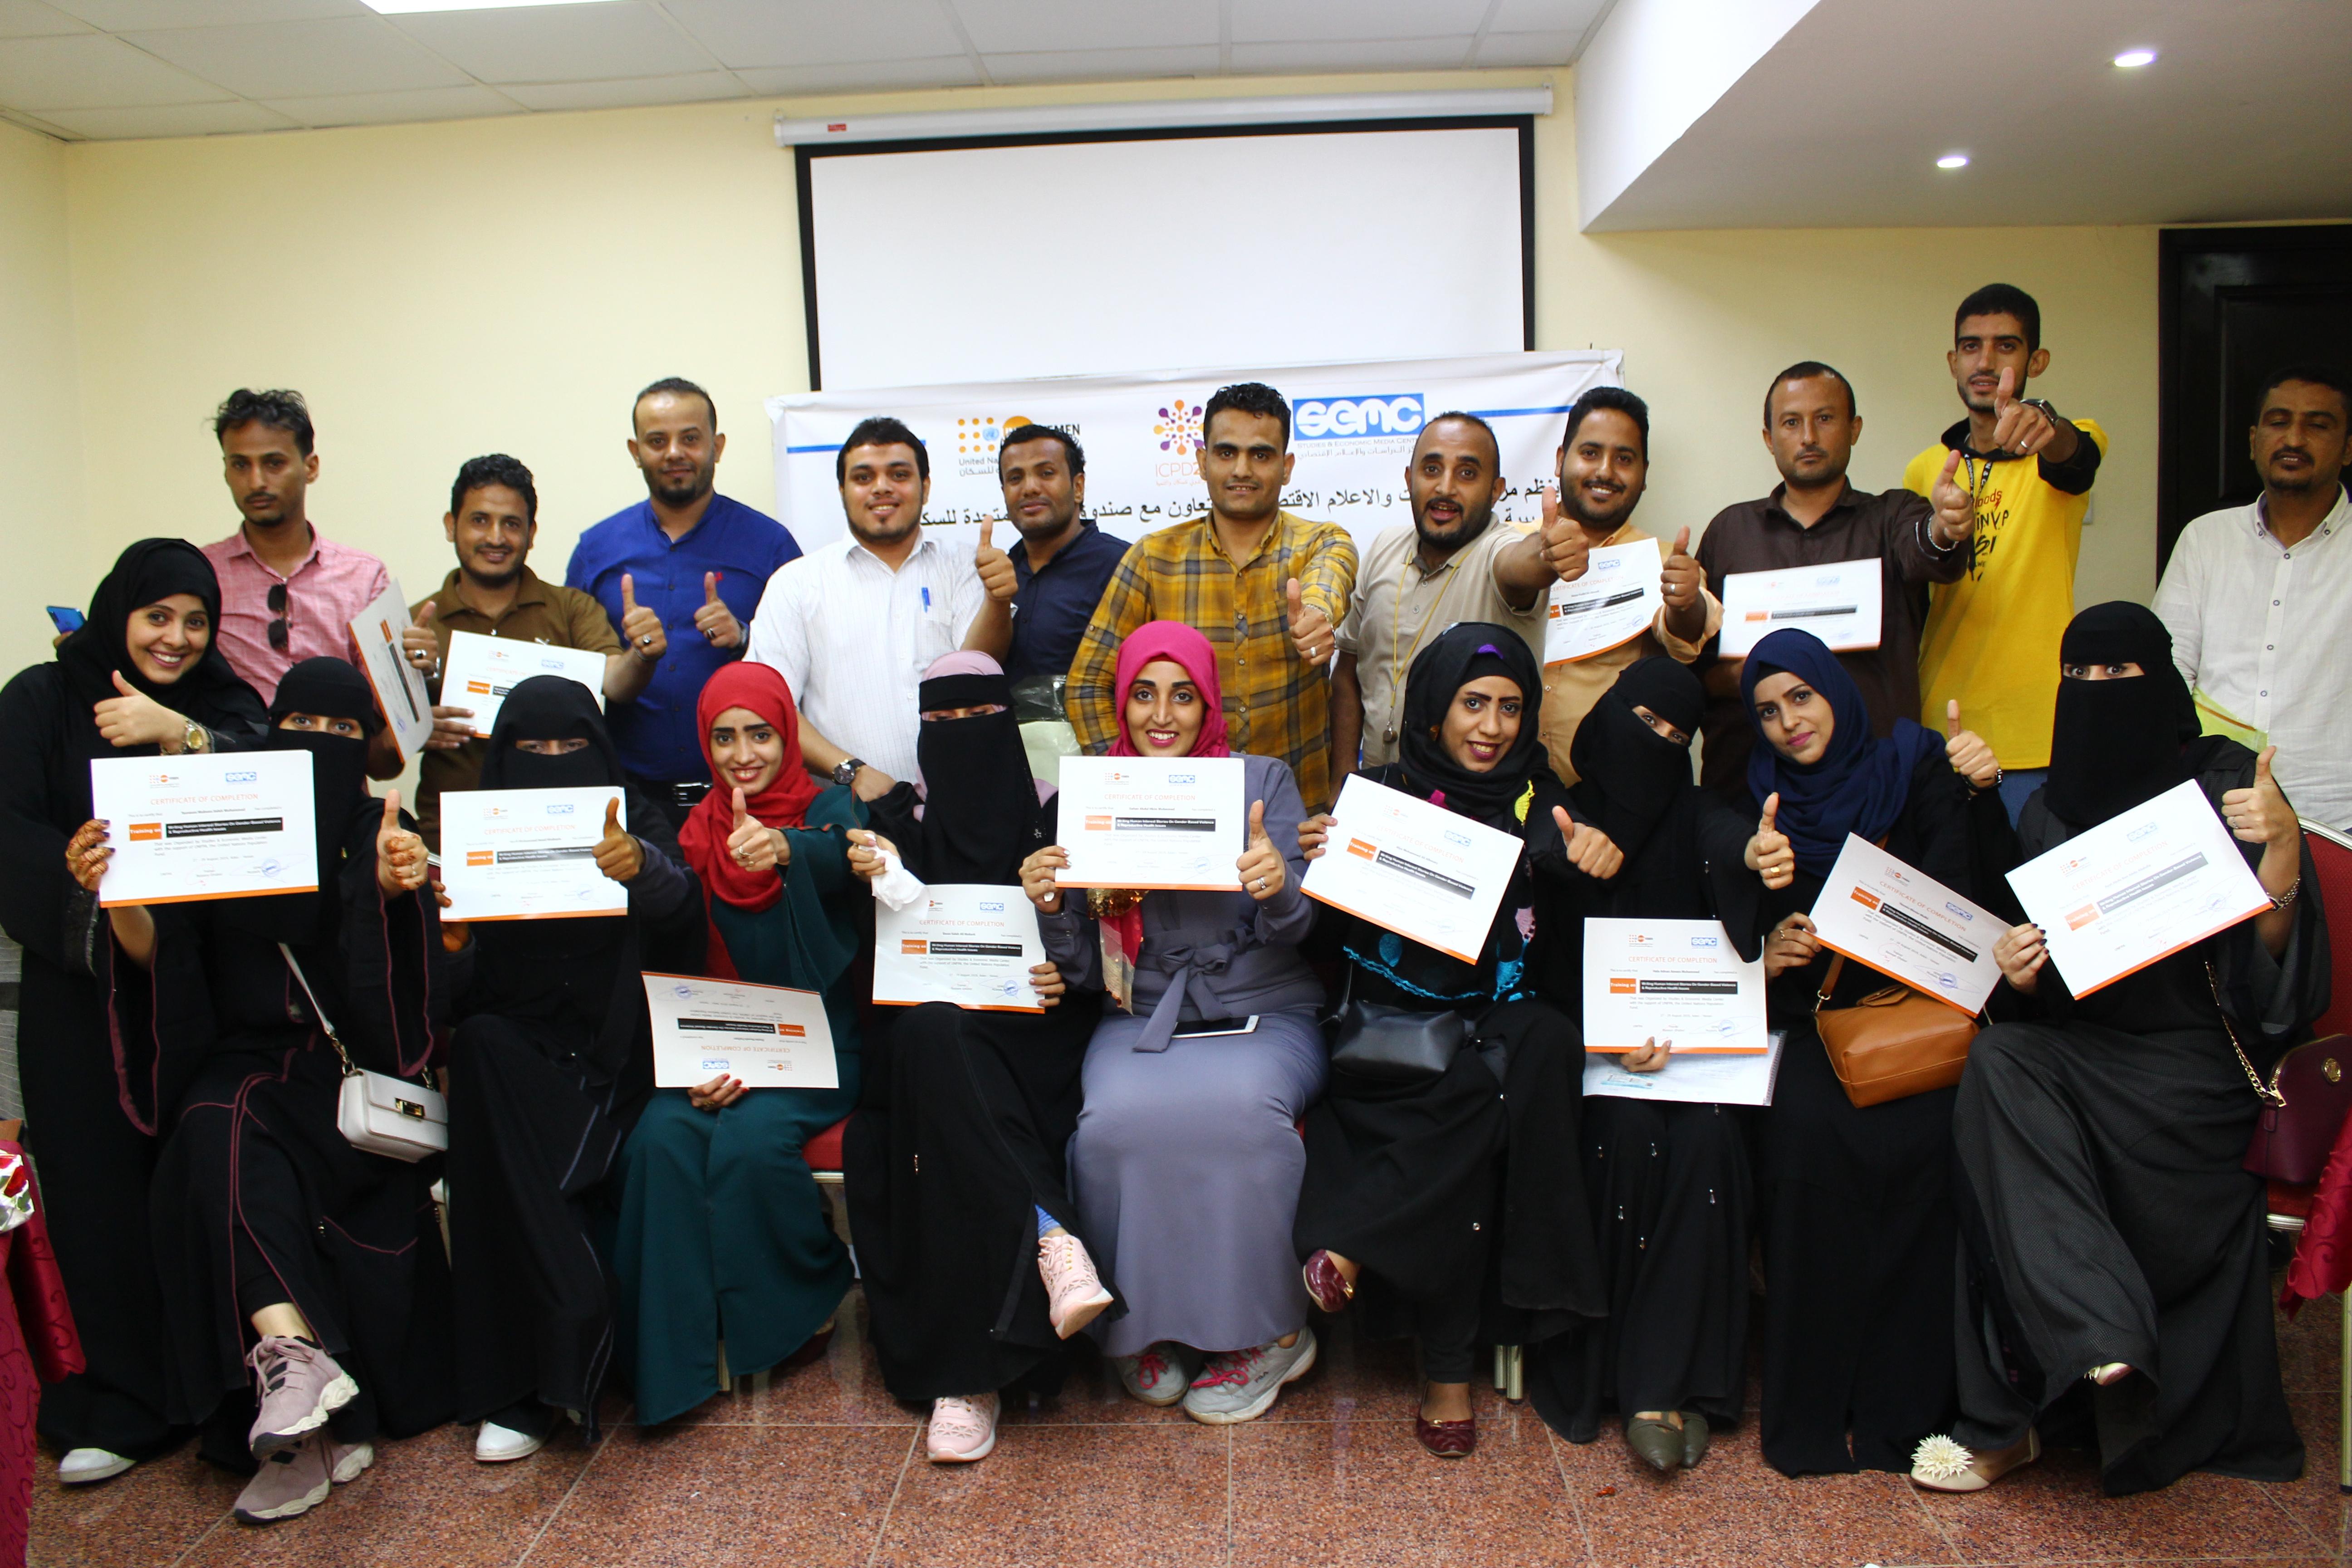 في عدن: قصص احترافية بمعايير إنسانية تسلط الضوء على قضايا العنف القائم على النوع الاجتماعي والصحة الإنجابية